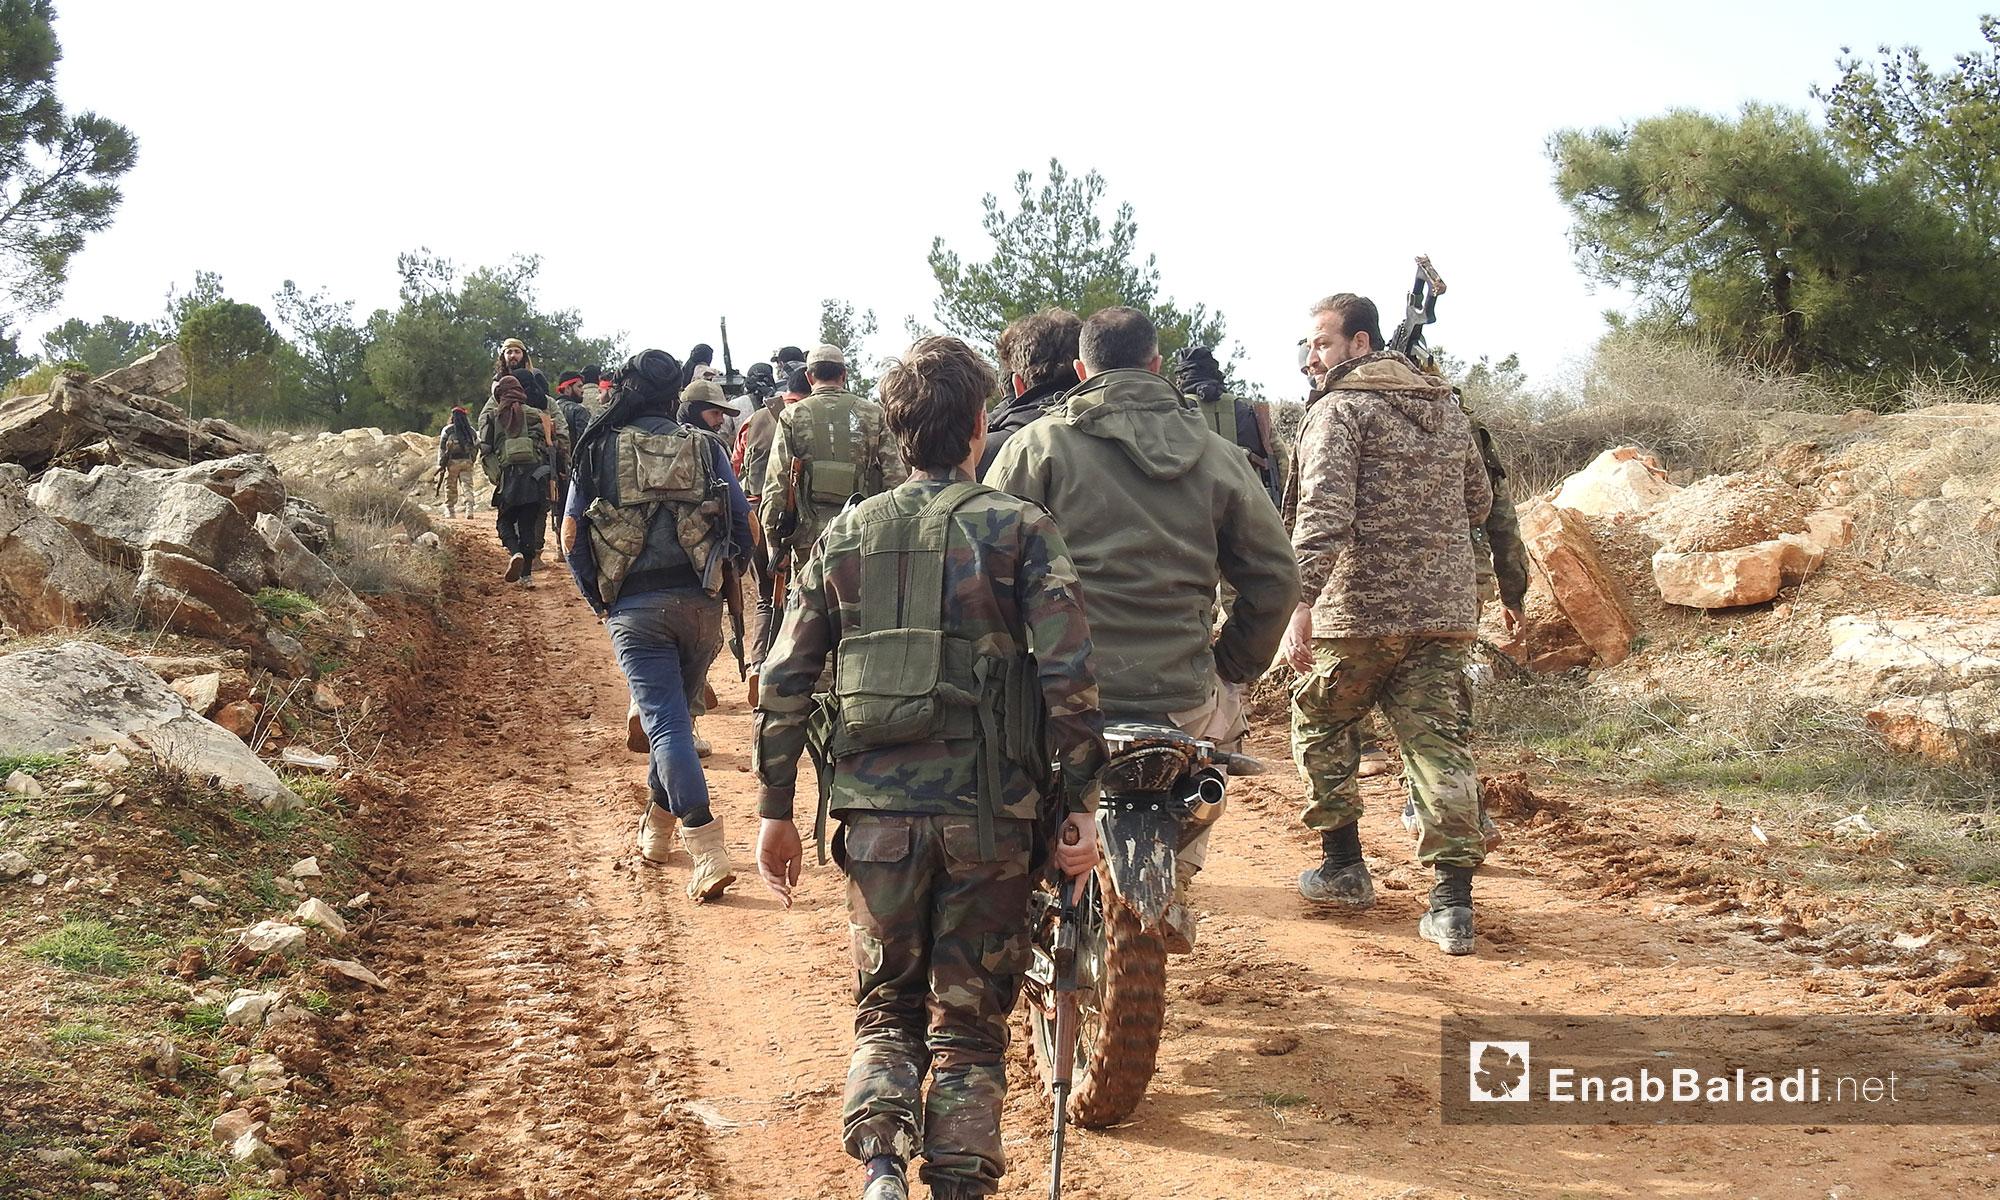 """عناصر من الجيش الحر في معركة """"غصن الزيتون"""" في منطقة عفرين شمالي حلب - 1 شباط 2018 (عنب بلدي)"""